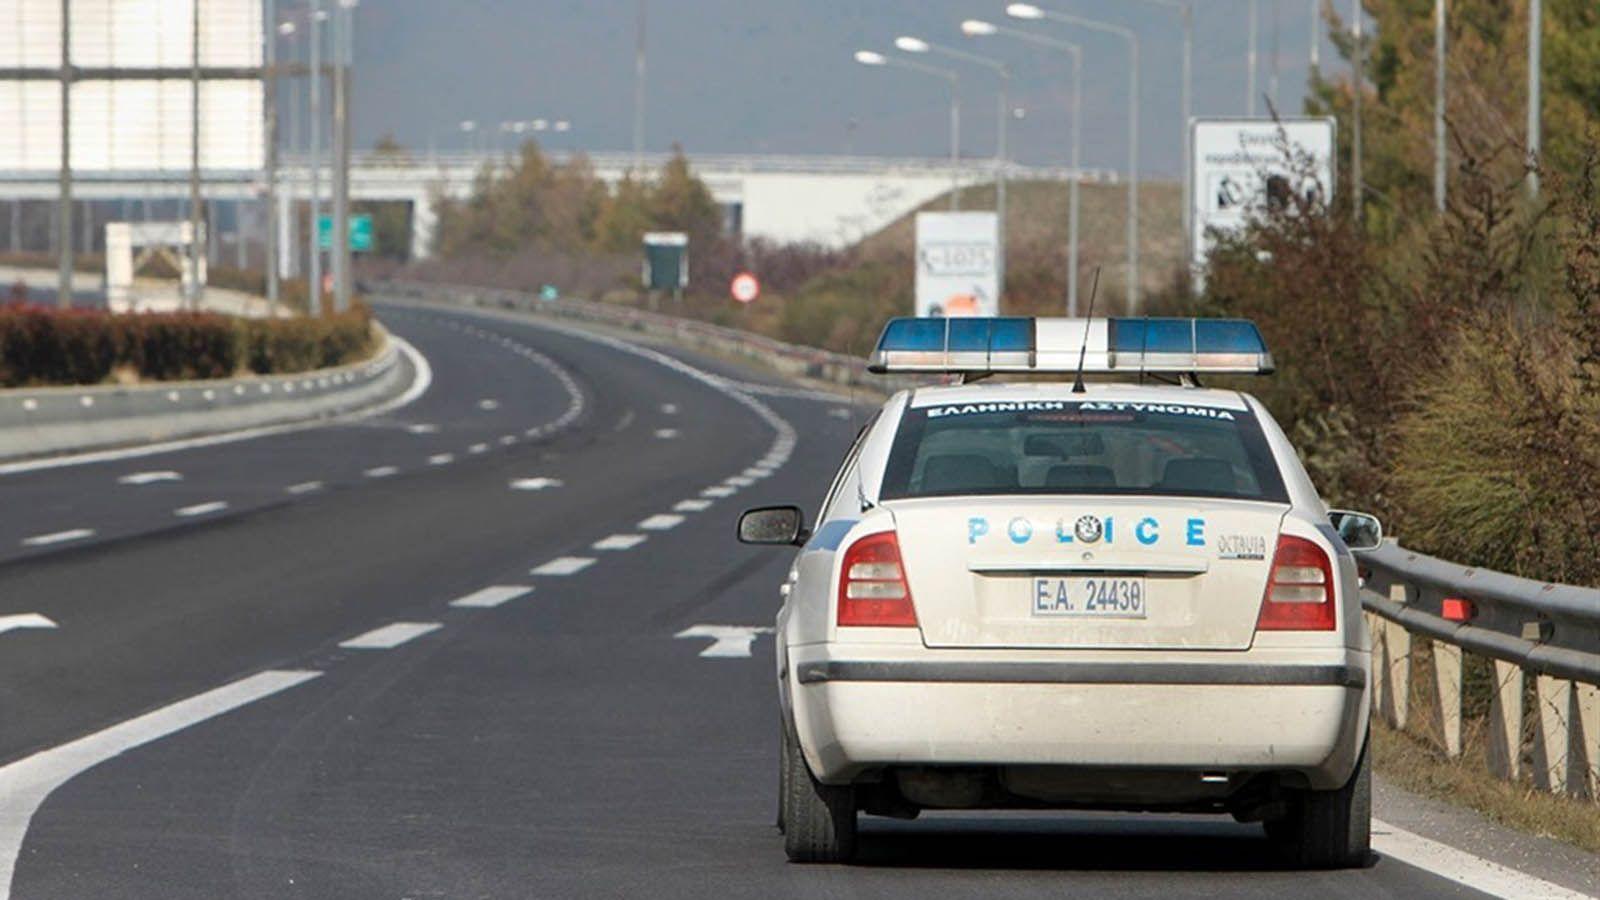 Οδηγούσε στο αντίθετο ρεύμα στην Εθνική Οδό Λάρισας - Θεσσαλονίκης!